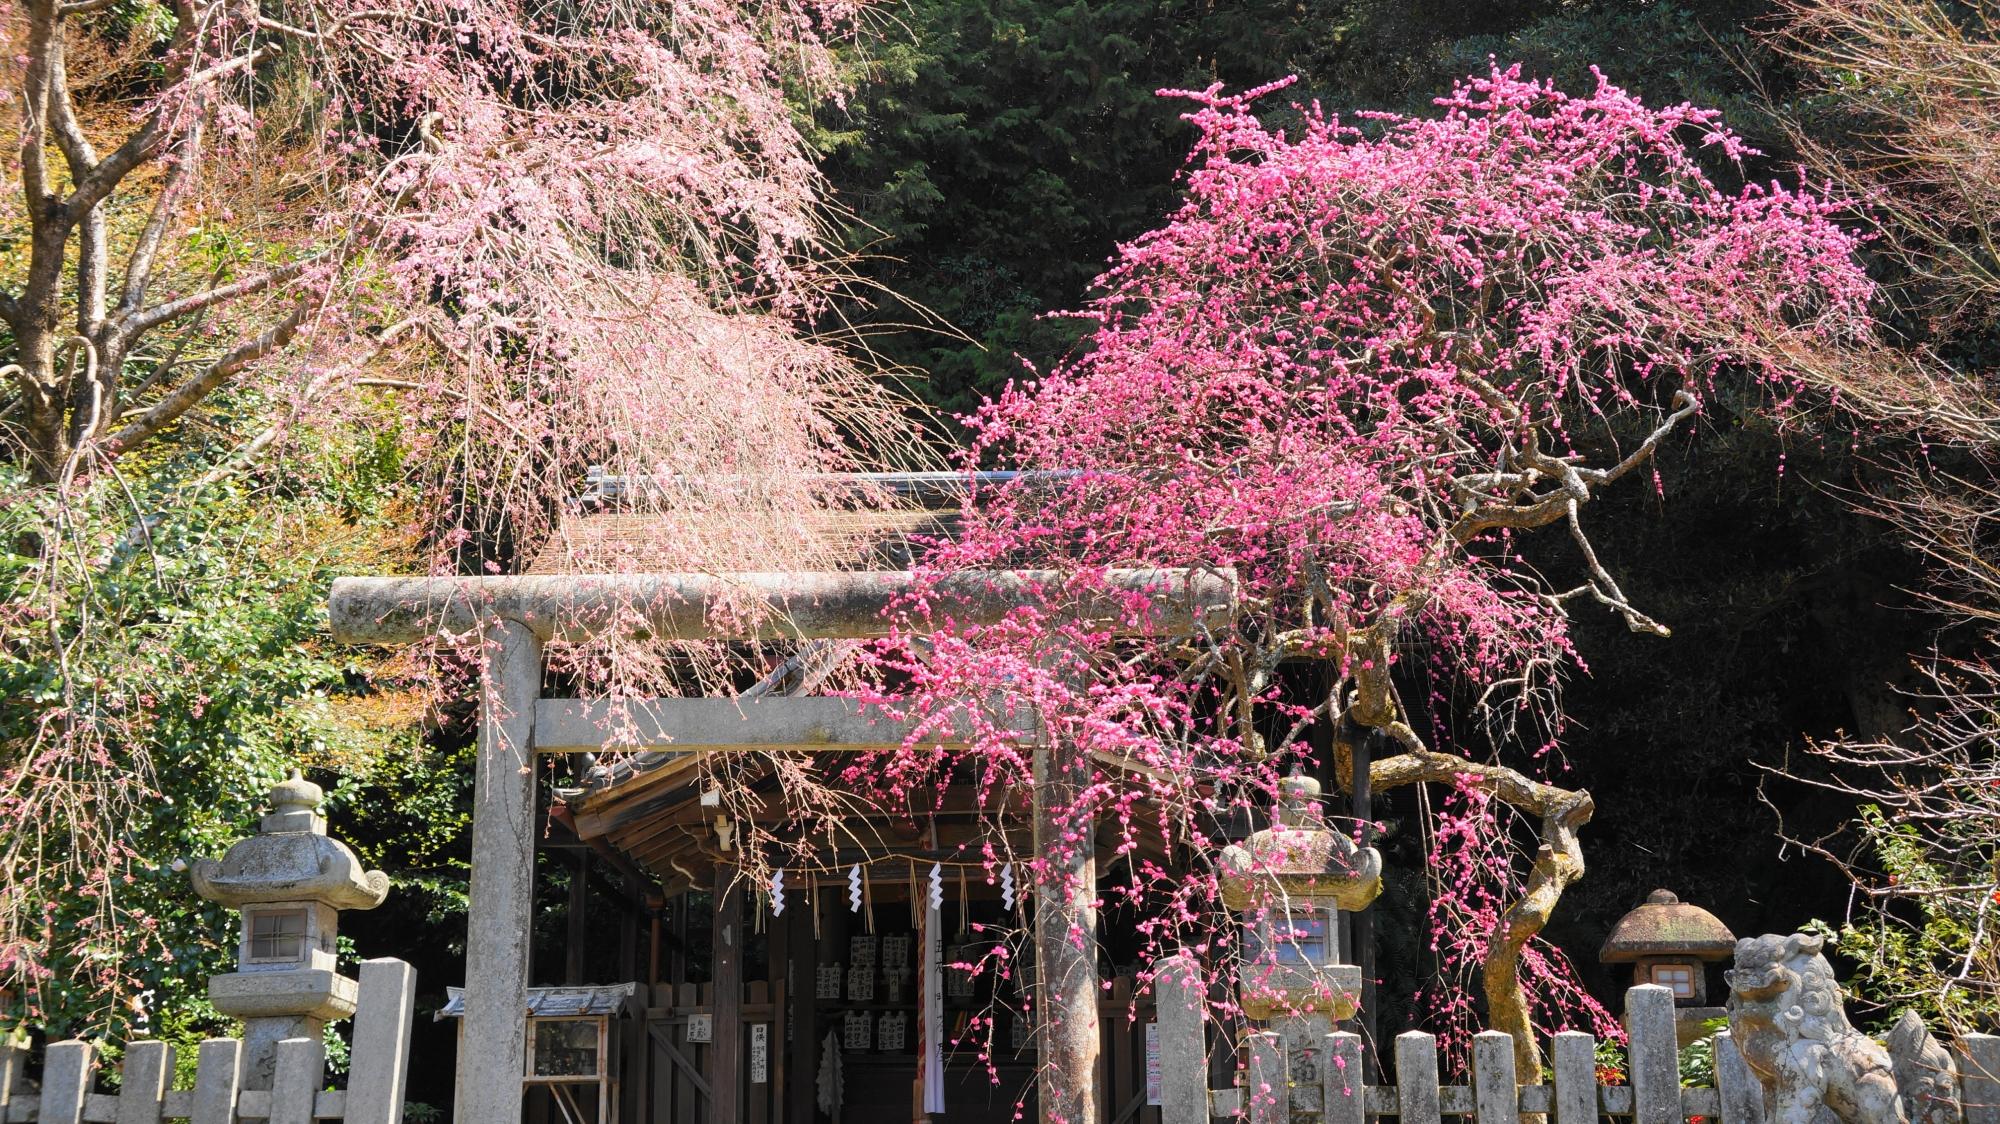 一対をなす大豊神社の梅と桜